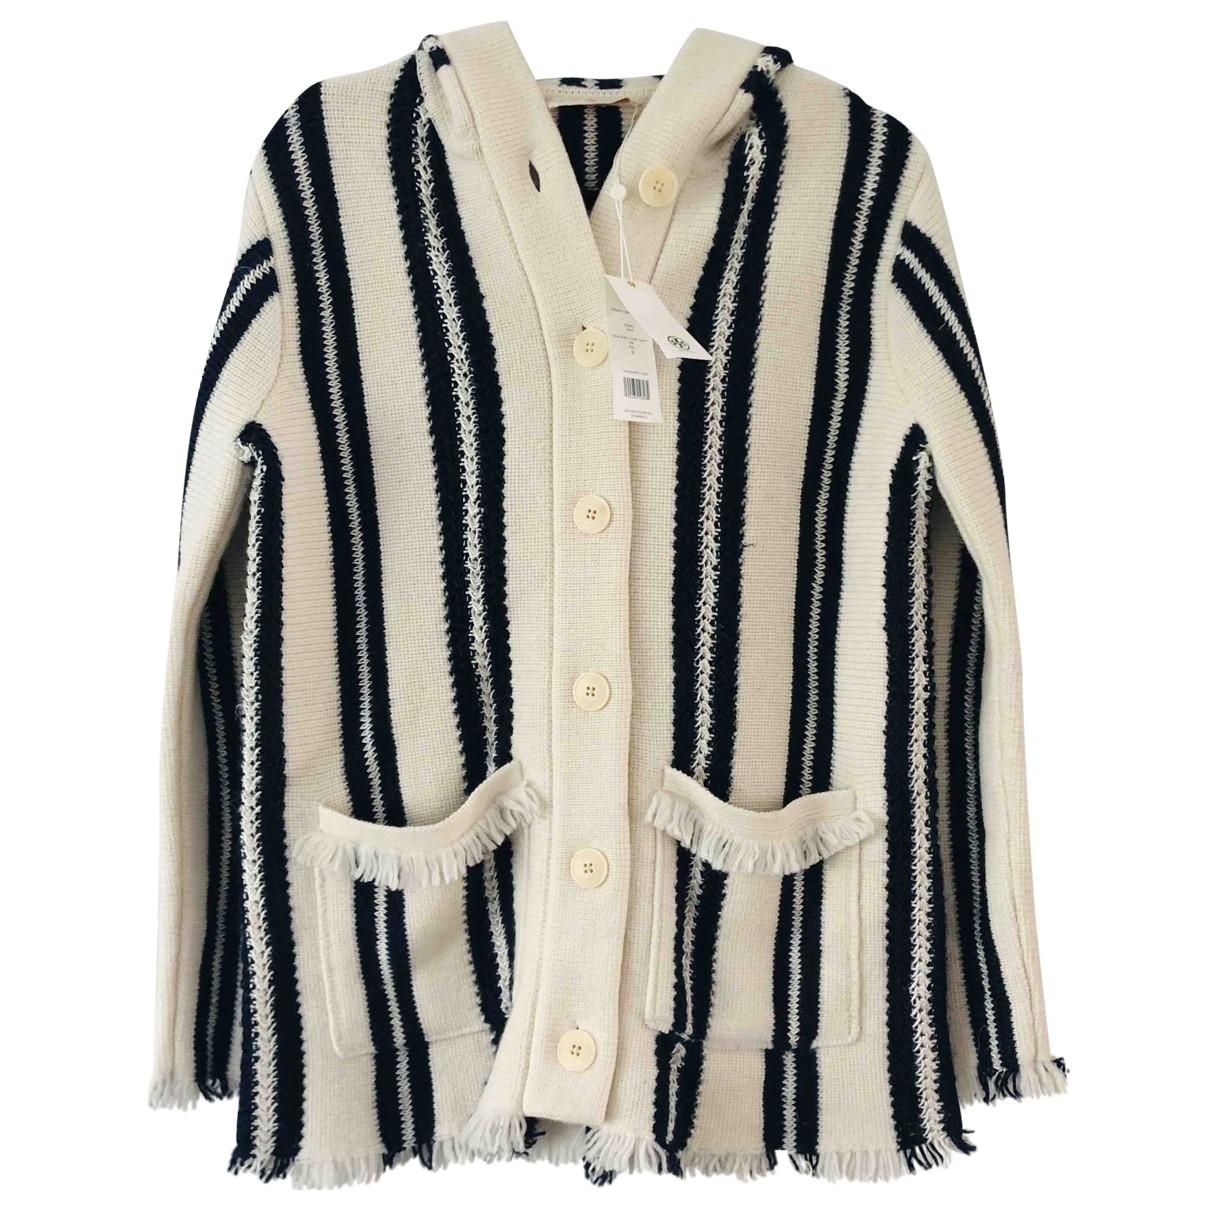 Tory Burch - Manteau   pour femme en lin - multicolore